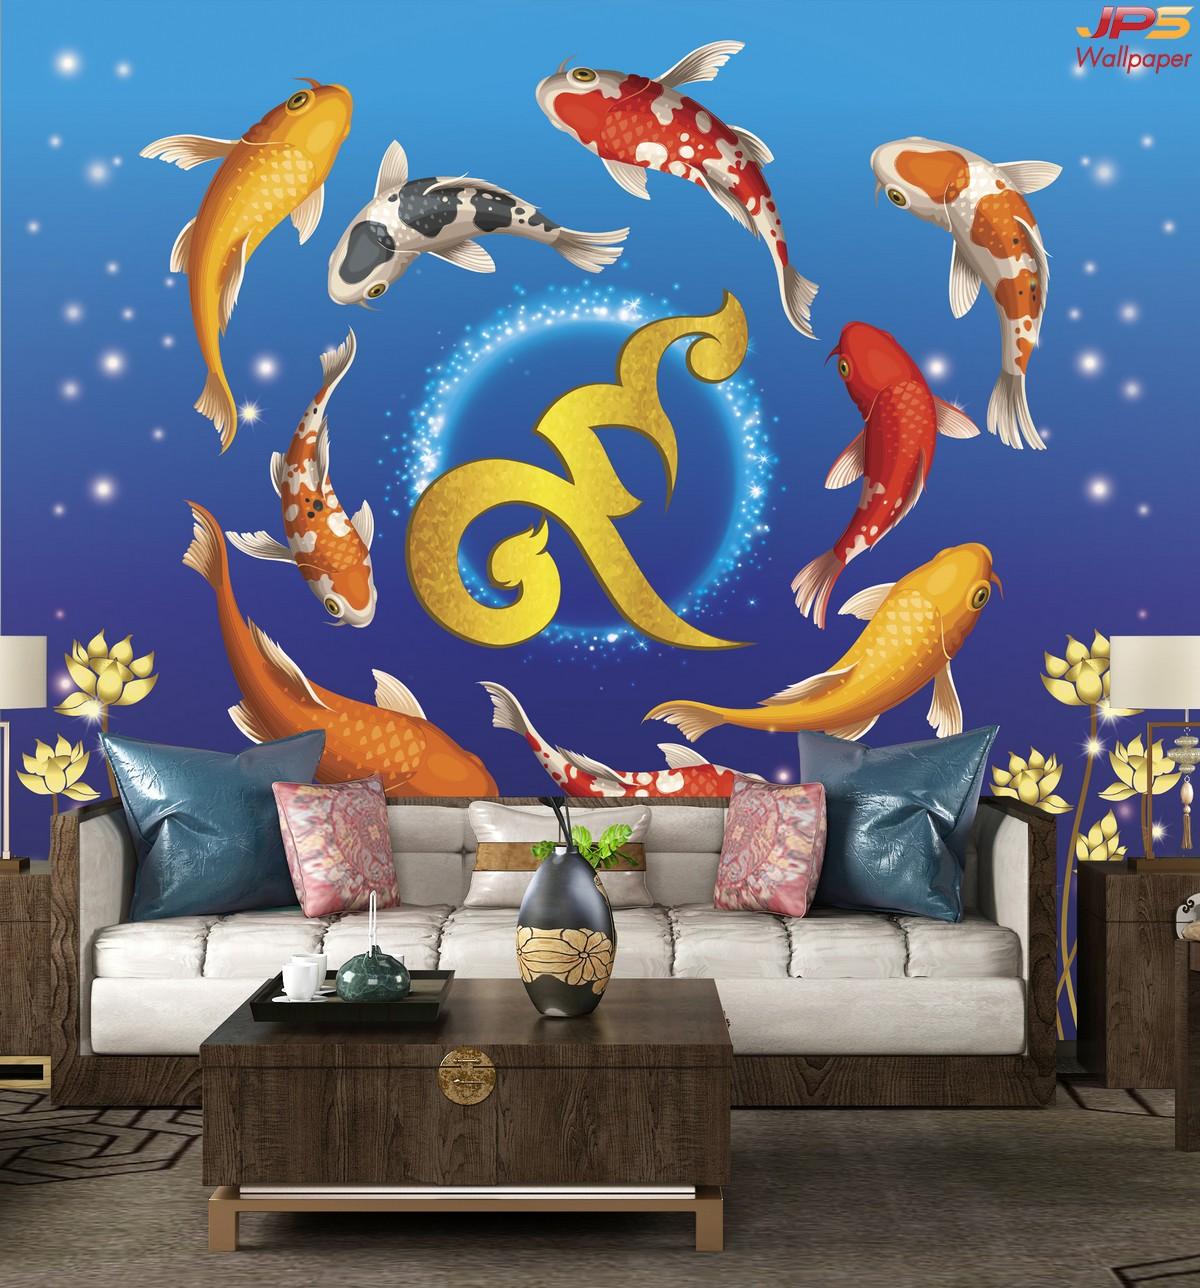 ภาพมงคลแต่งบ้าน วอลเปเปอร์ลายปลาคราฟ ว่ายวนเลยเก้าไทย